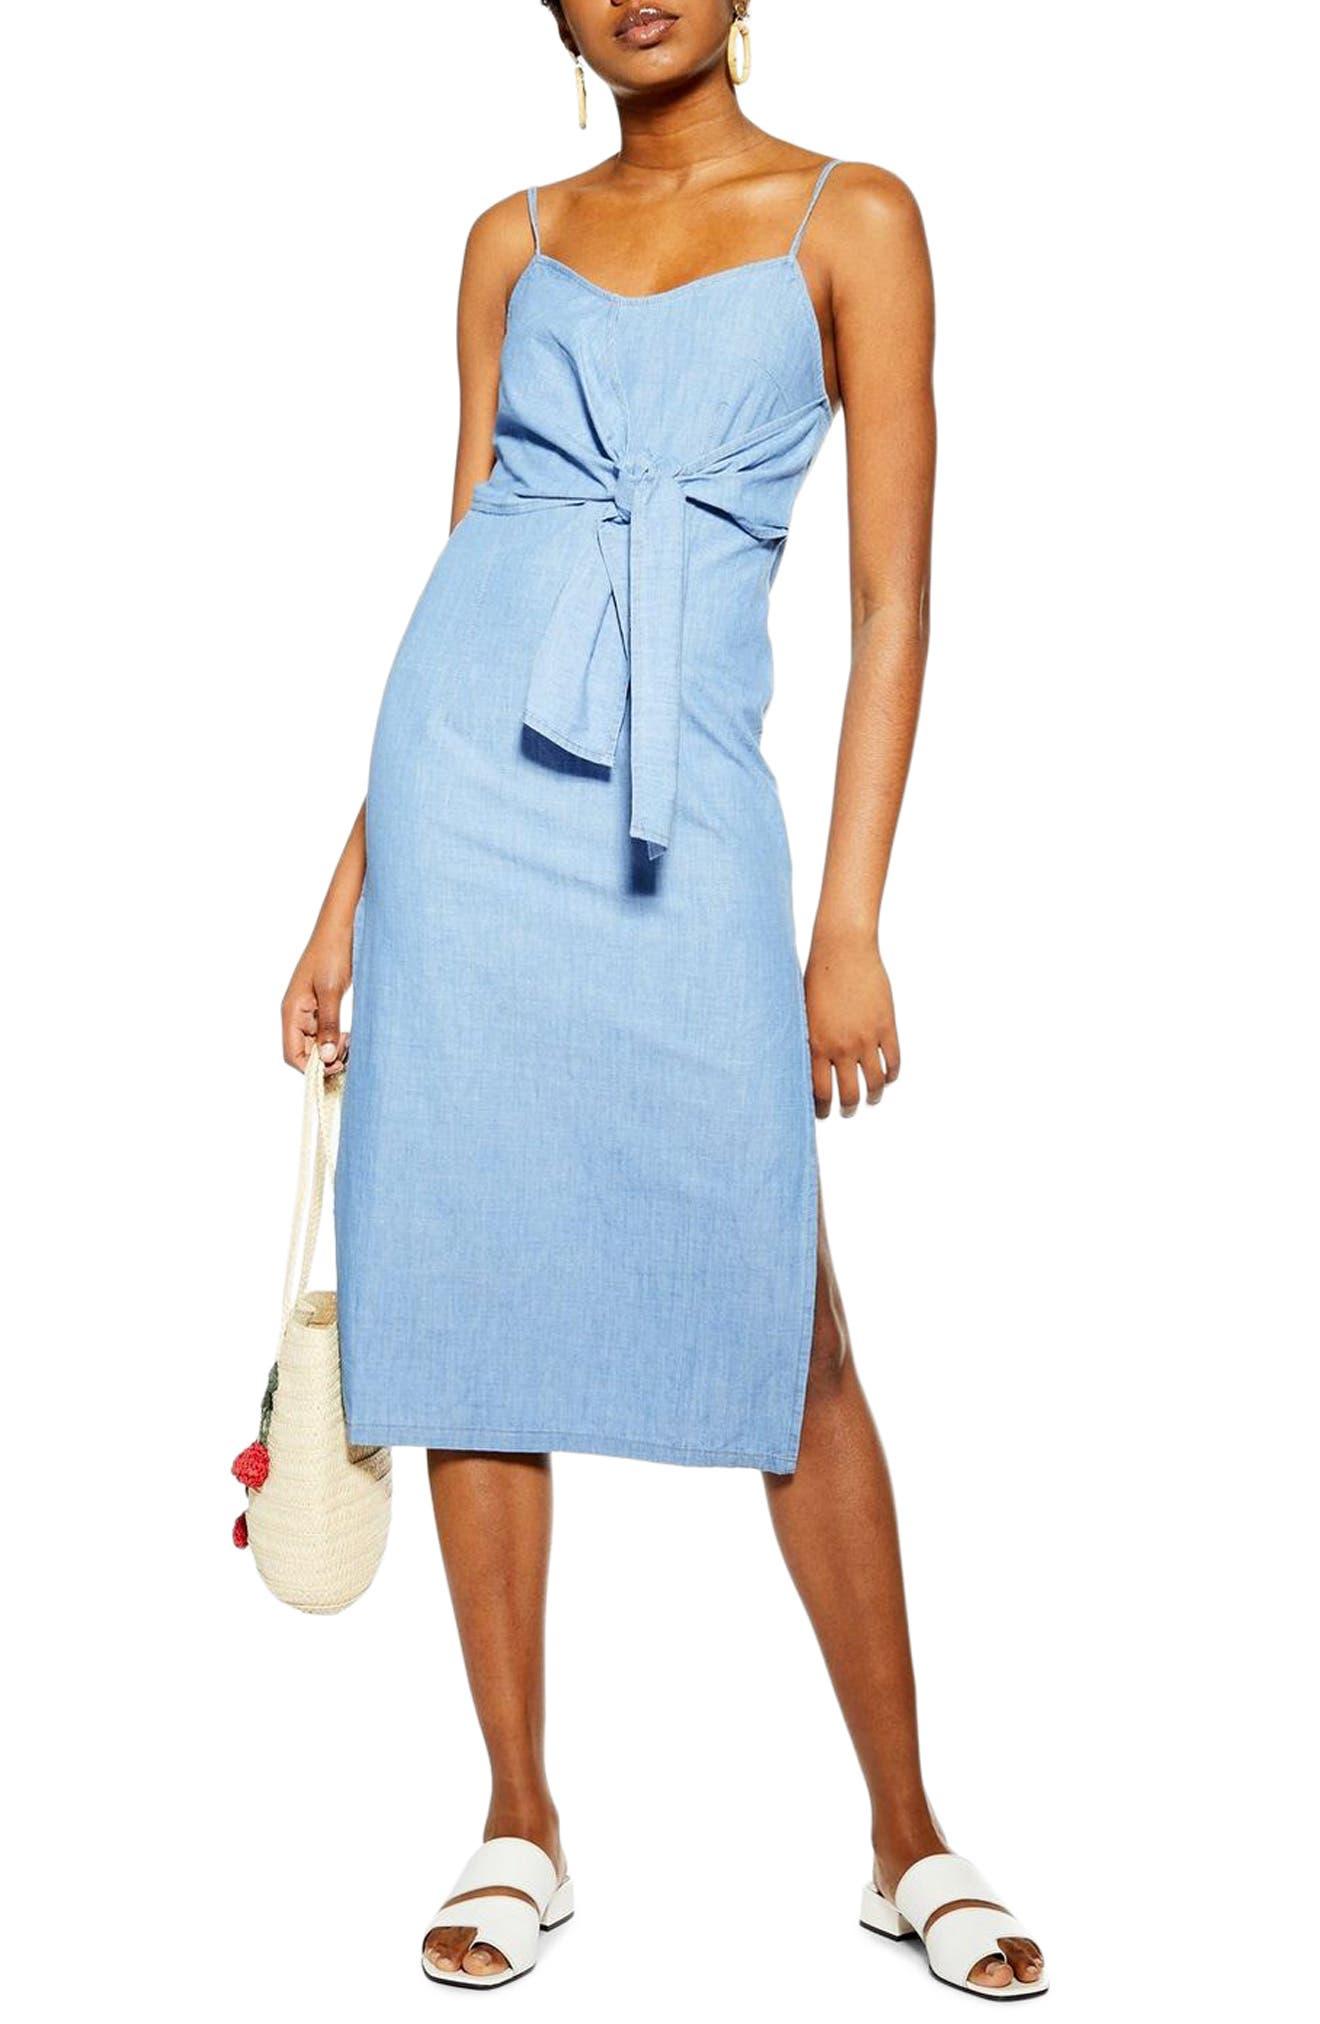 Topshop Tie Denim Midi Dress, US (fits like 10-12) - Blue